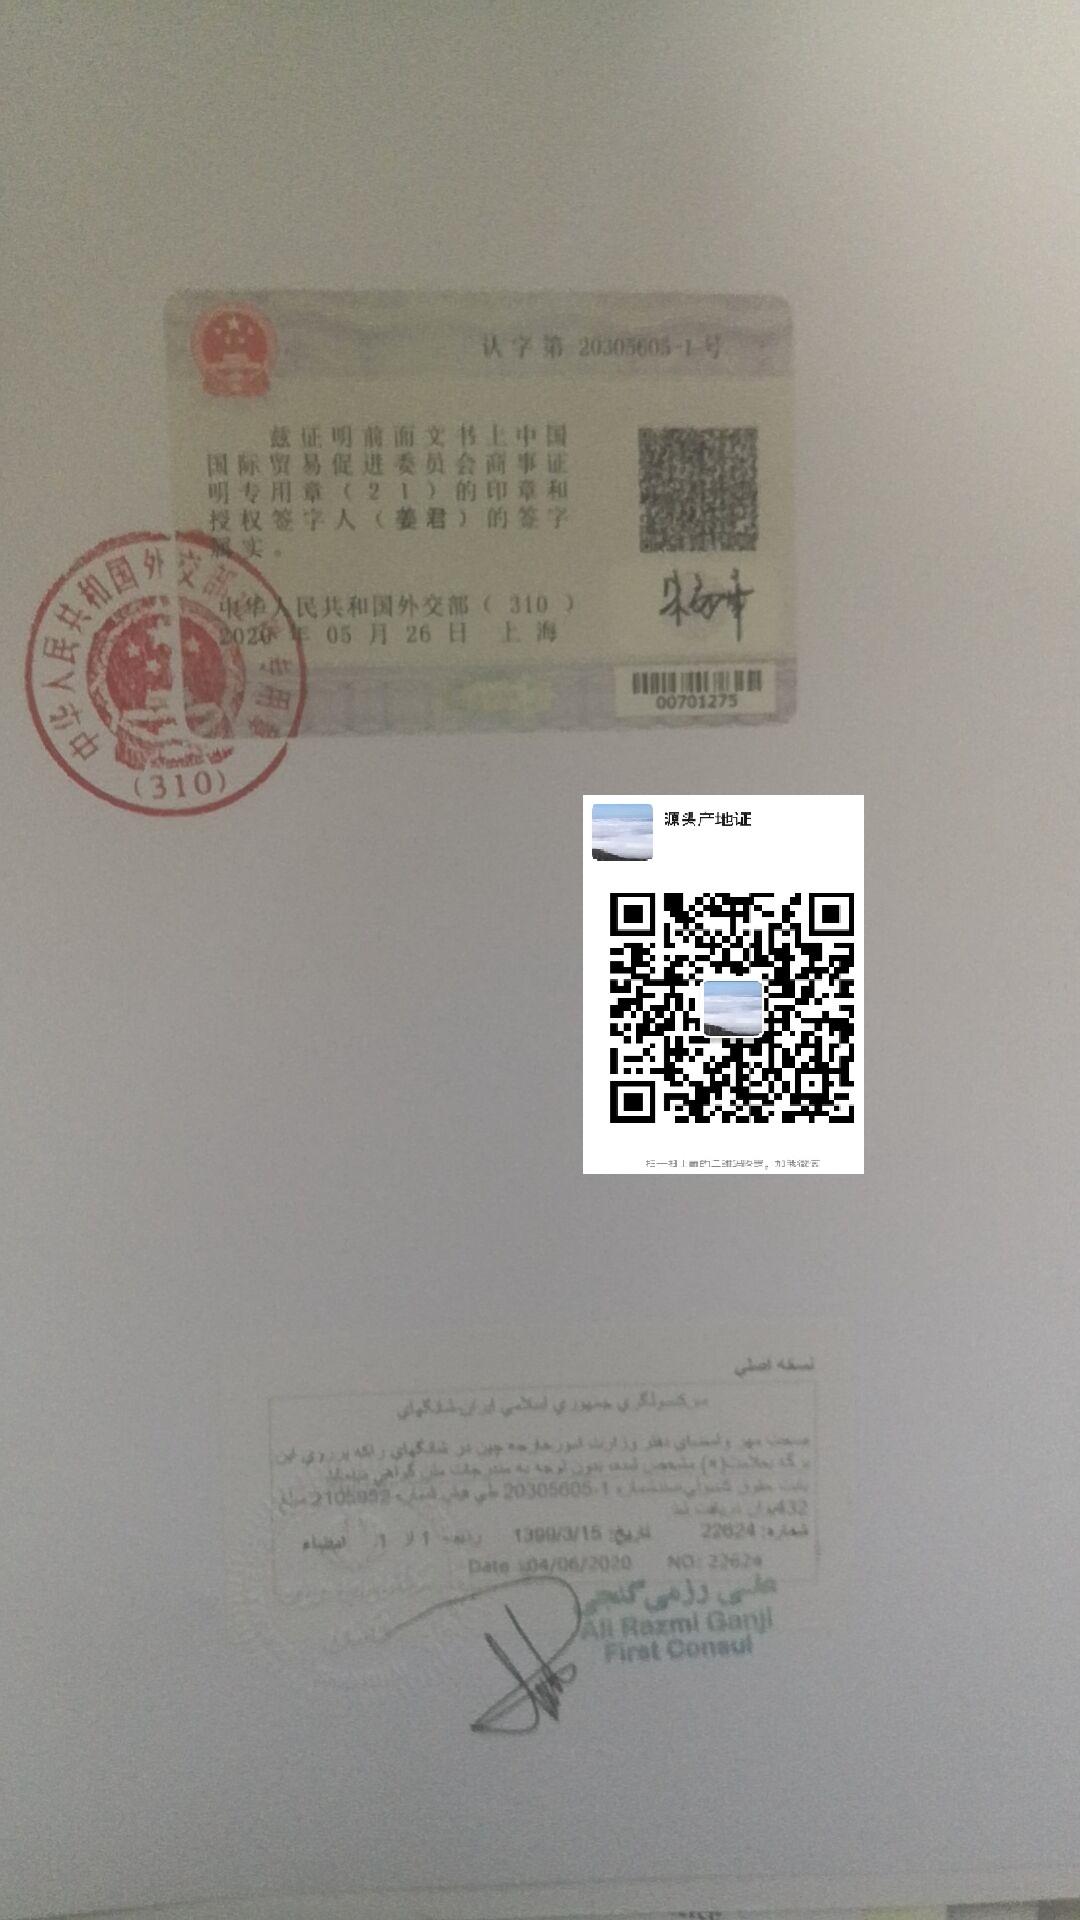 伊朗大使馆认证